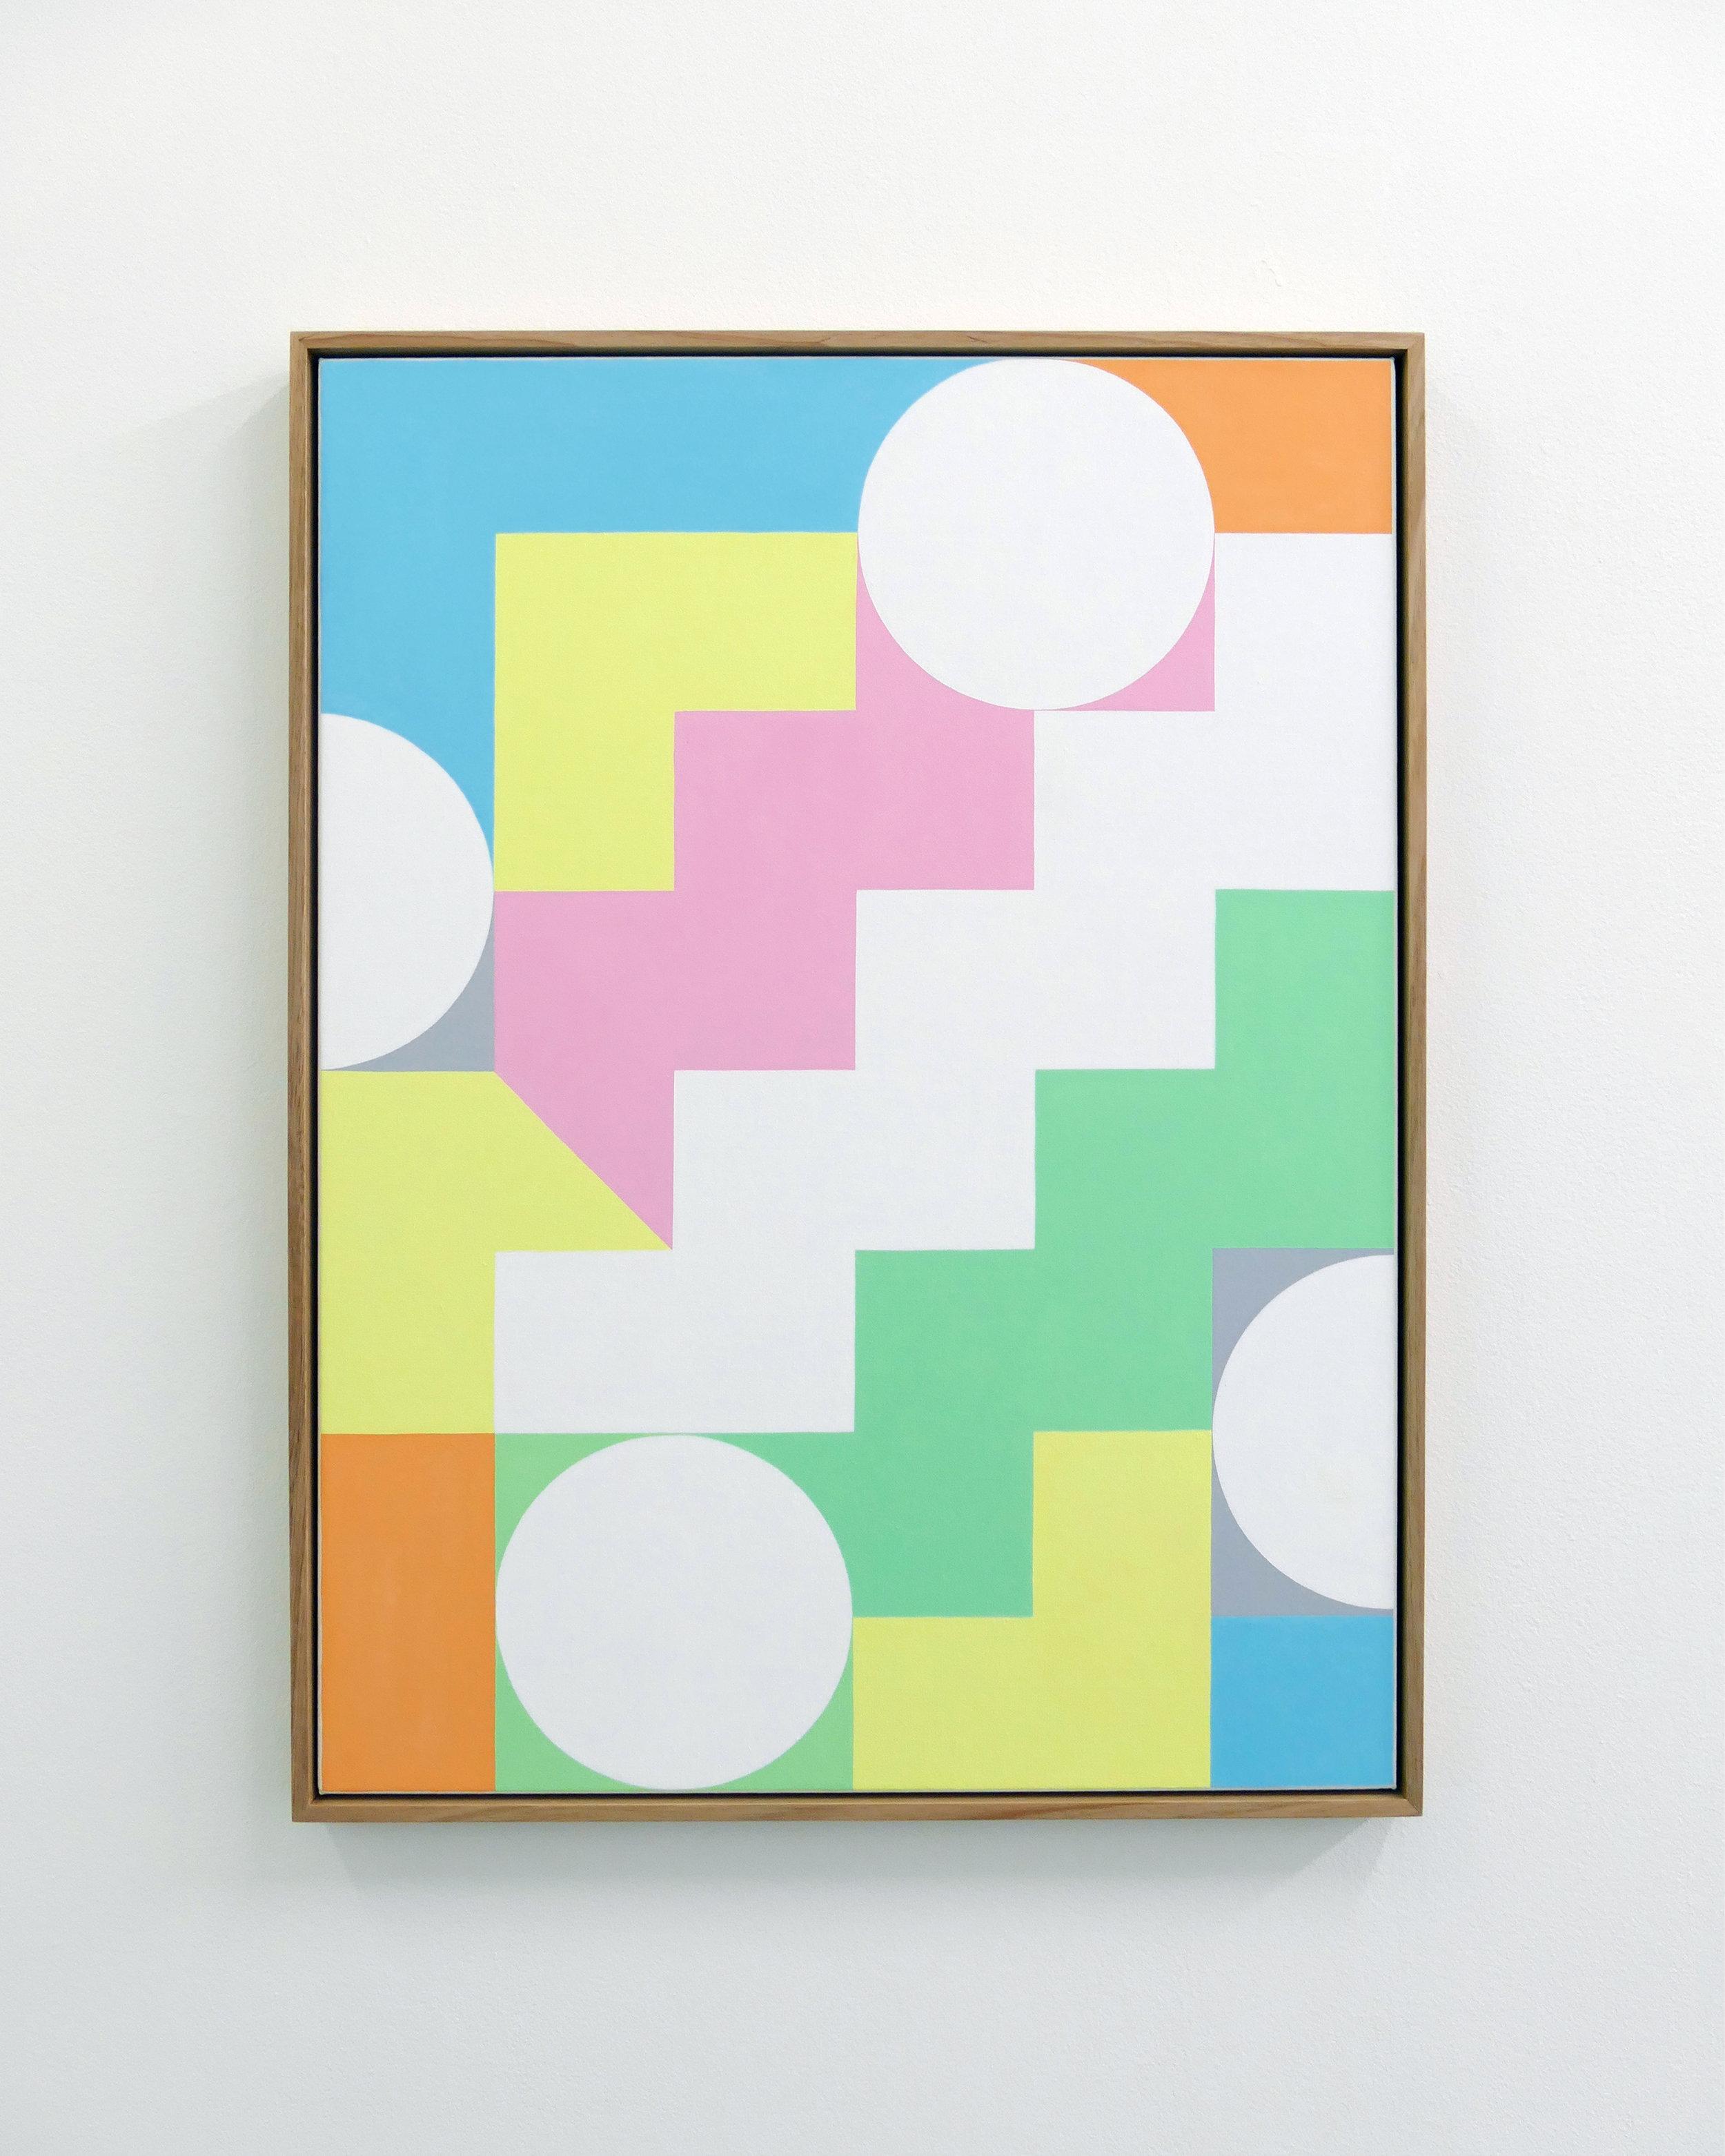 Pattern Making #1